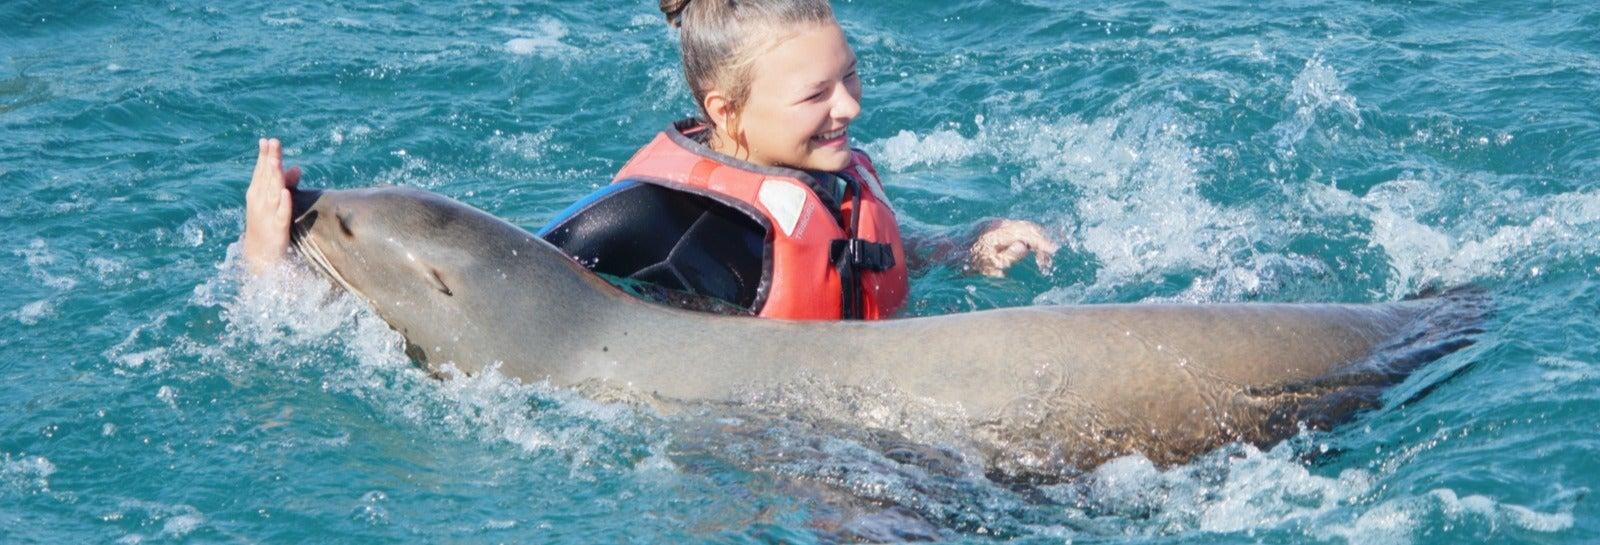 Baño con leones marinos en Caleta de Fuste